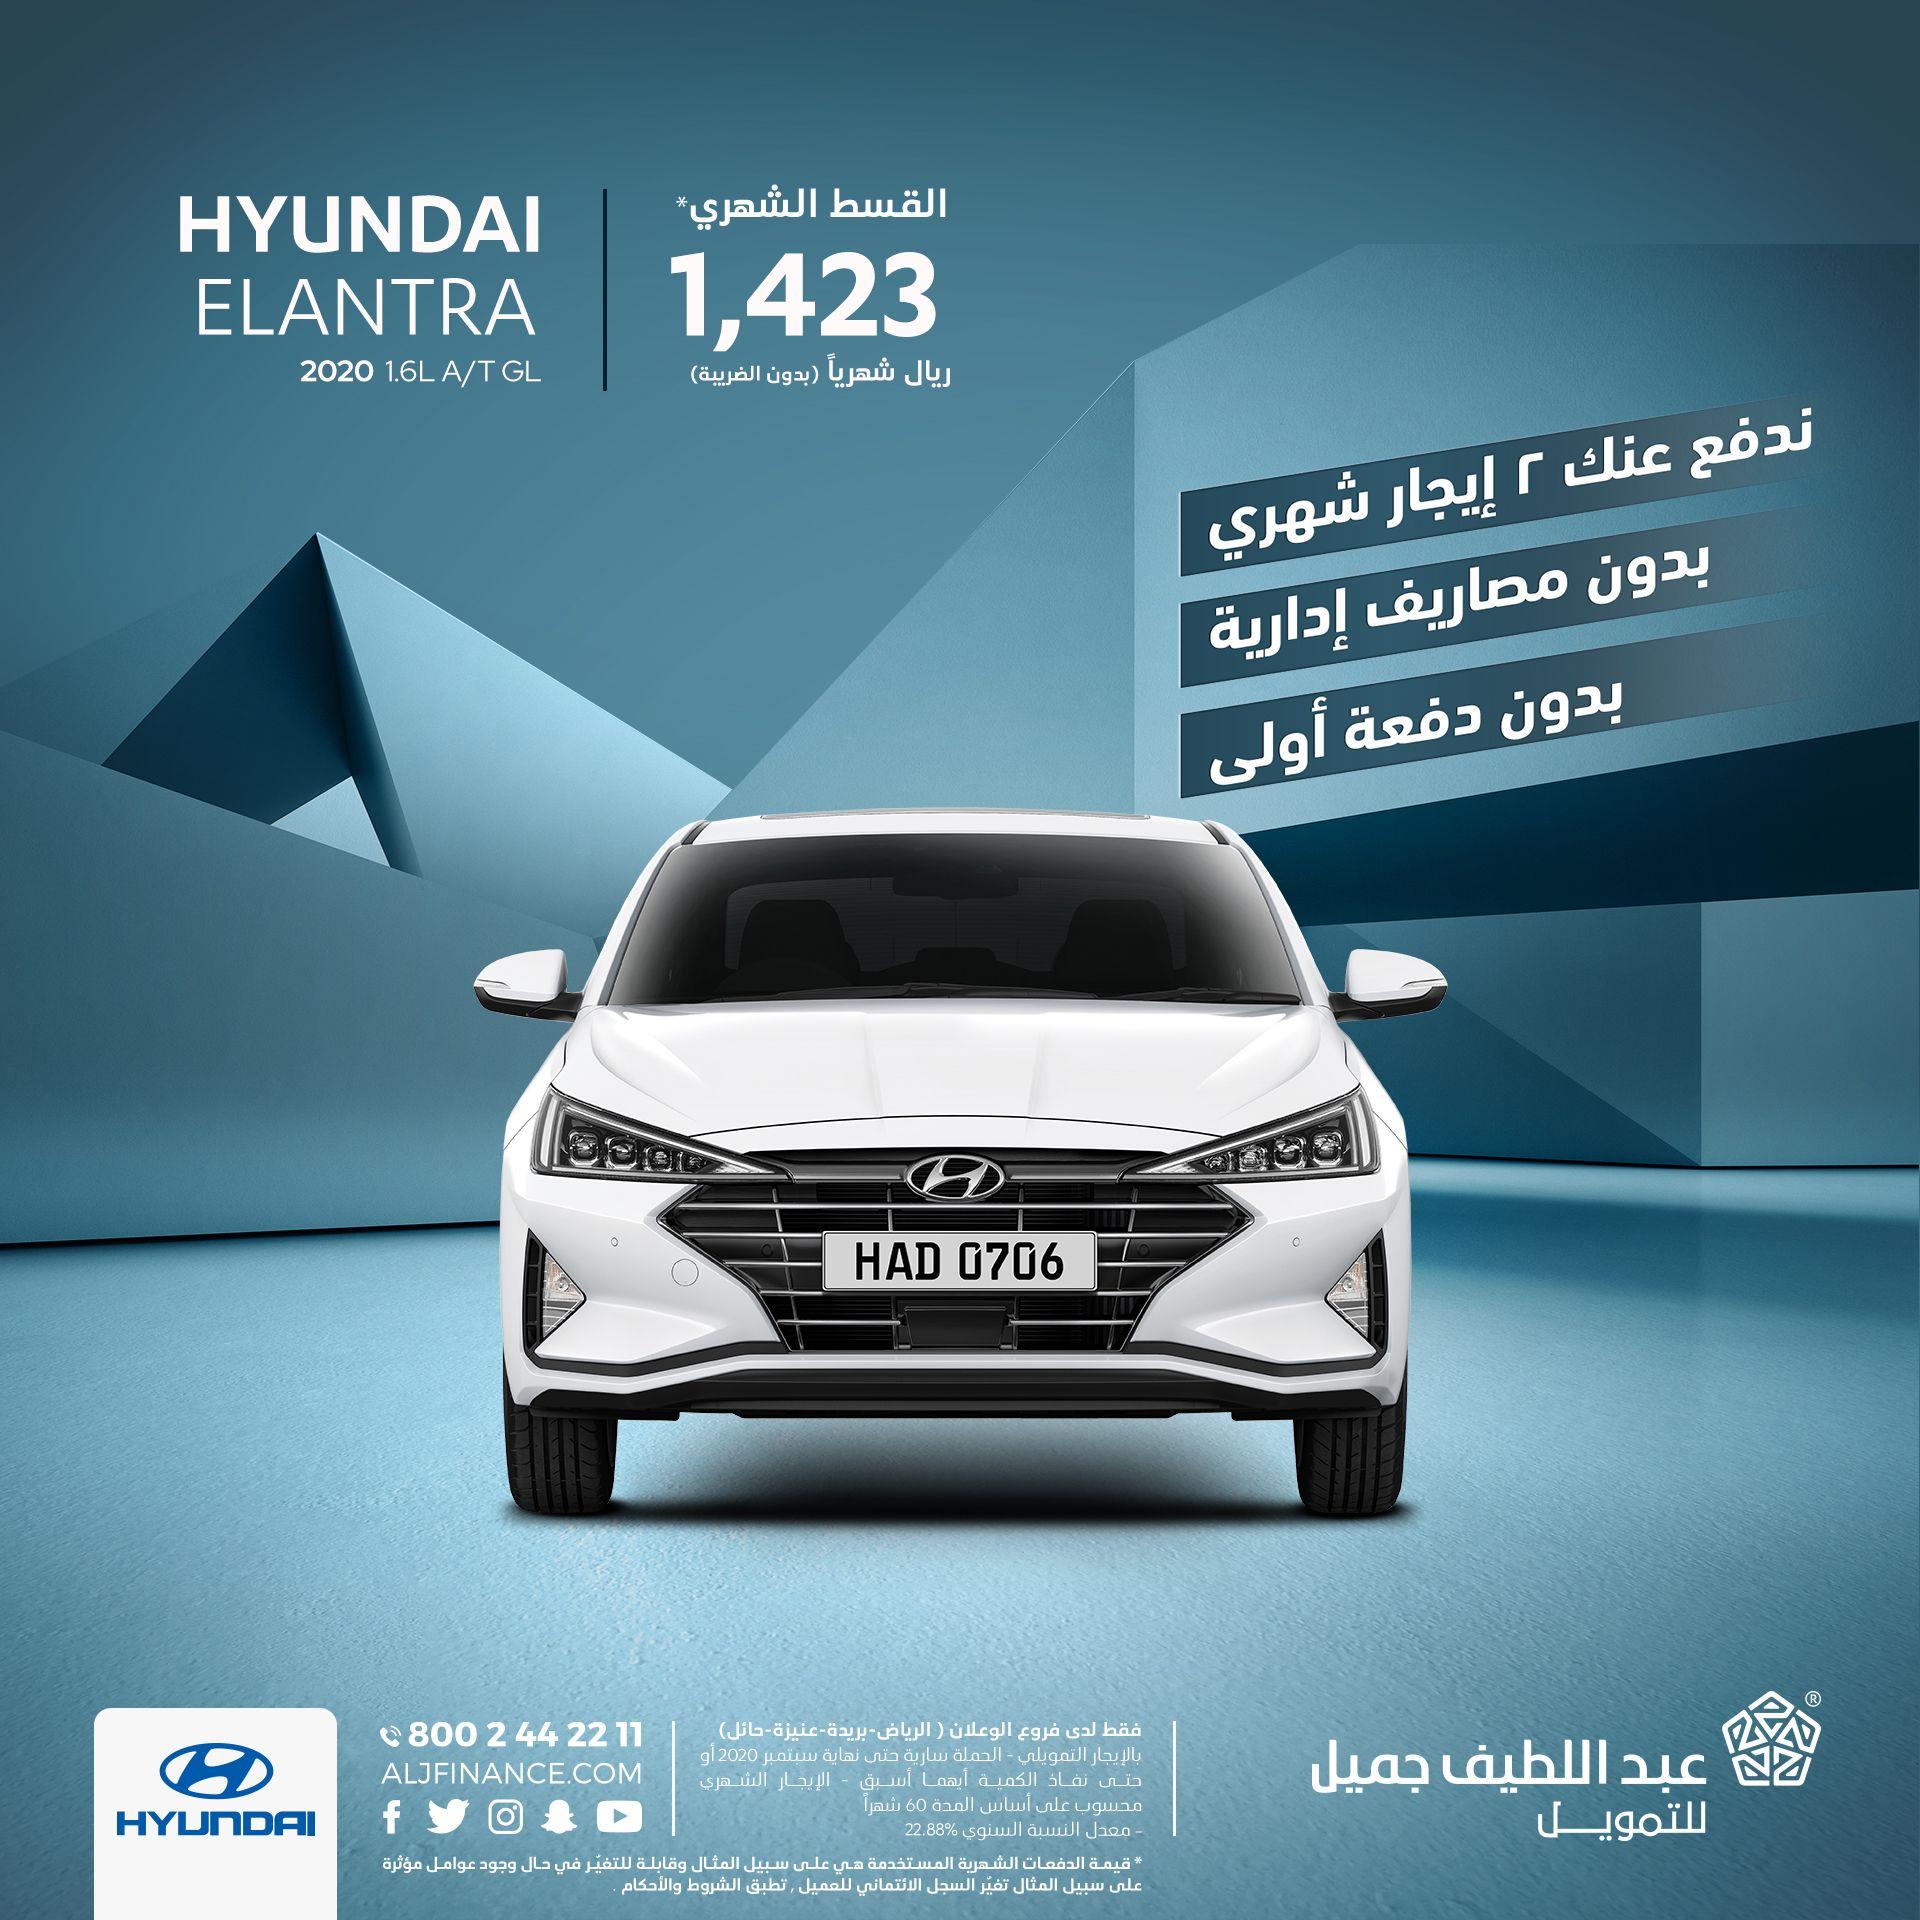 عروض السيارات عروض عبداللطيف جميل علي سيارات هيونداي 2020 عروض اليوم Hyundai Elantra Saudi Arabia